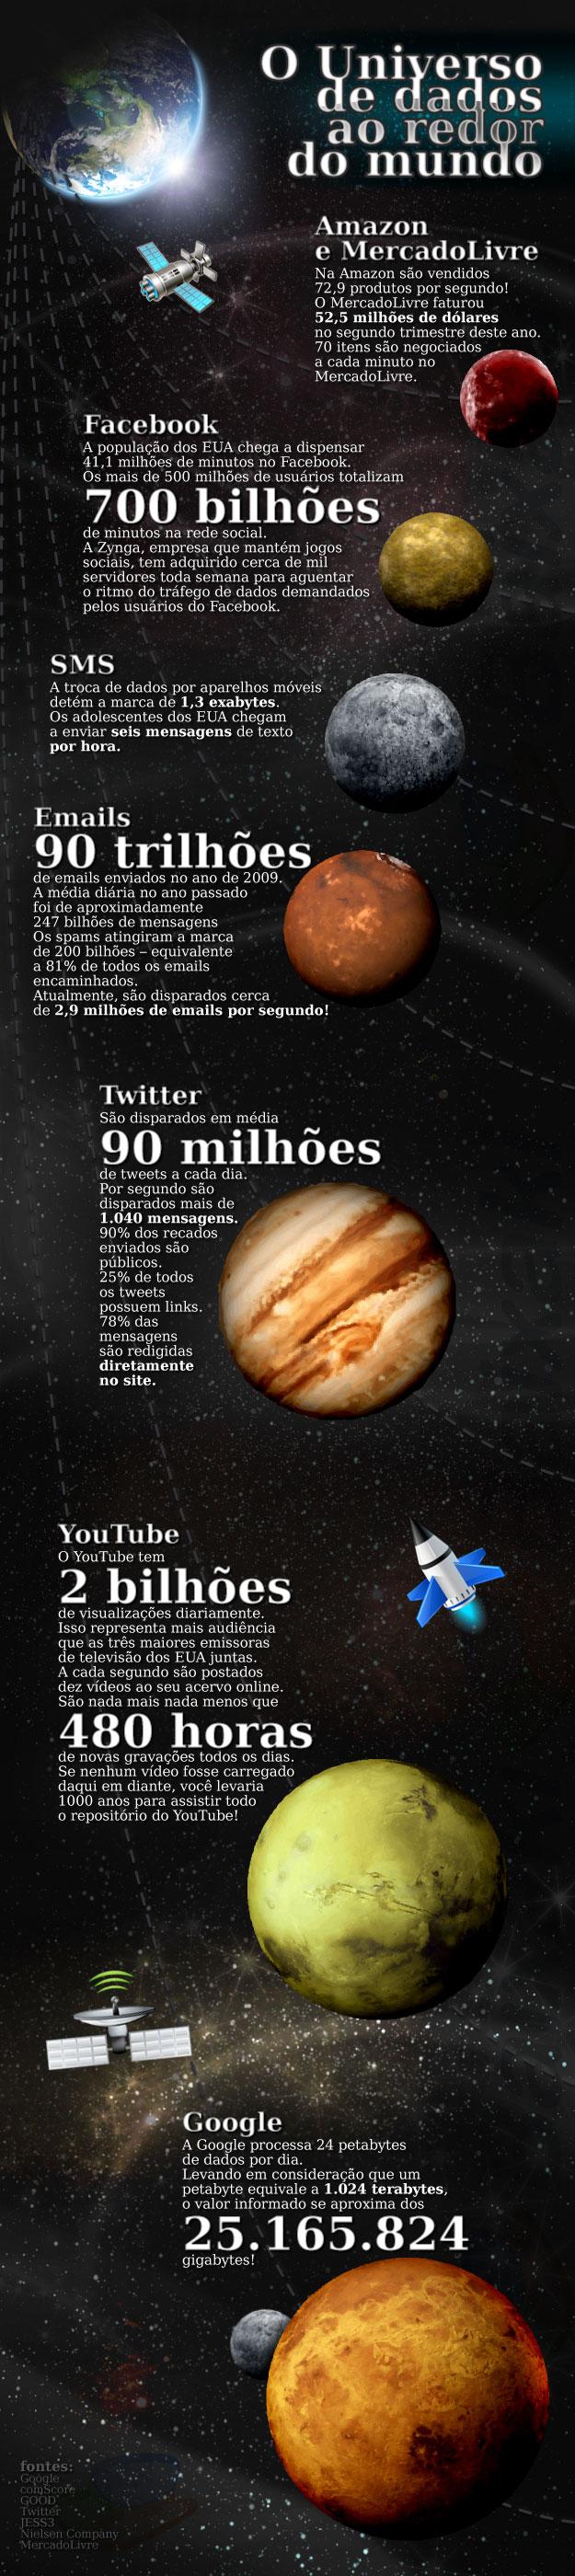 O universo de dados ao redor do mundo!